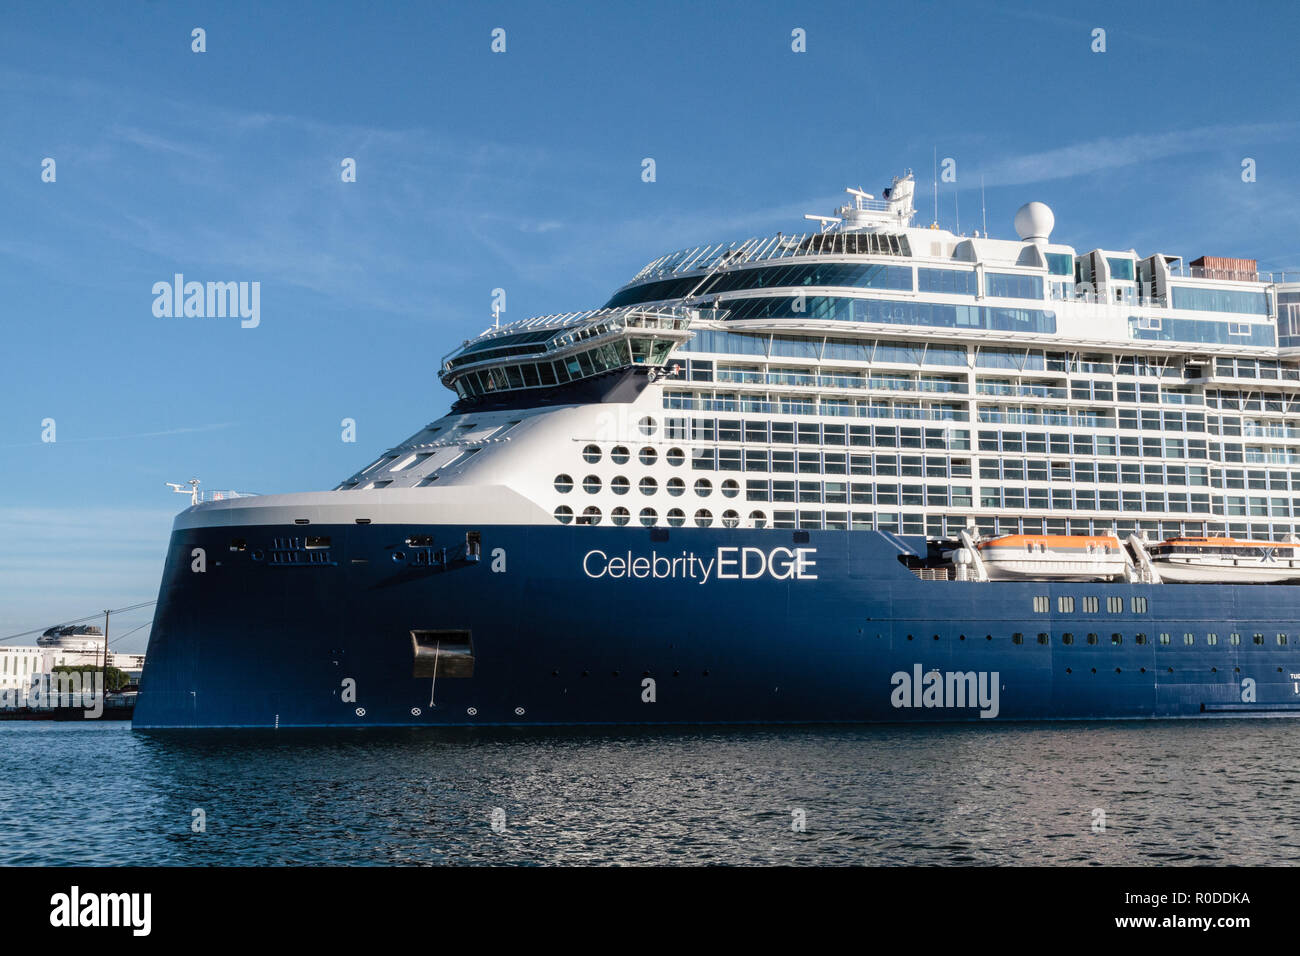 Le paquebot Celebrity Edge, un gigantesque navire de 300 mètres de long et 39 m de large construit par les Chantiers de l'Atlantique, devrait quitter - Stock Image